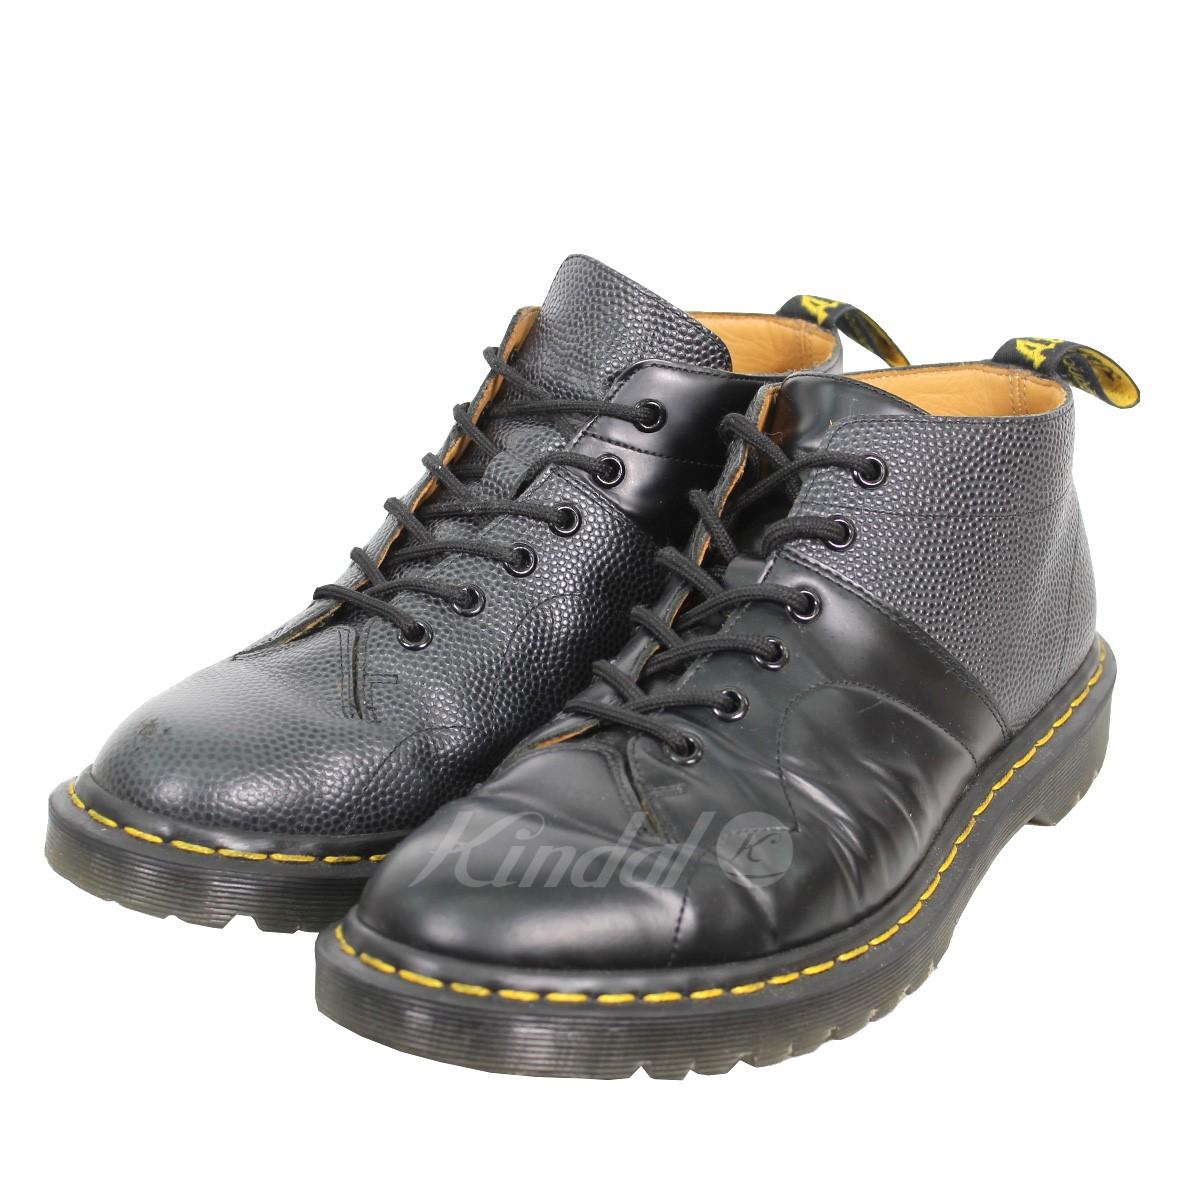 【中古】Engineered Garments 17AW Church Lace Low Boot アシンメトリーチャーチレースブーツ 【送料無料】 【002156】 【KIND1550】